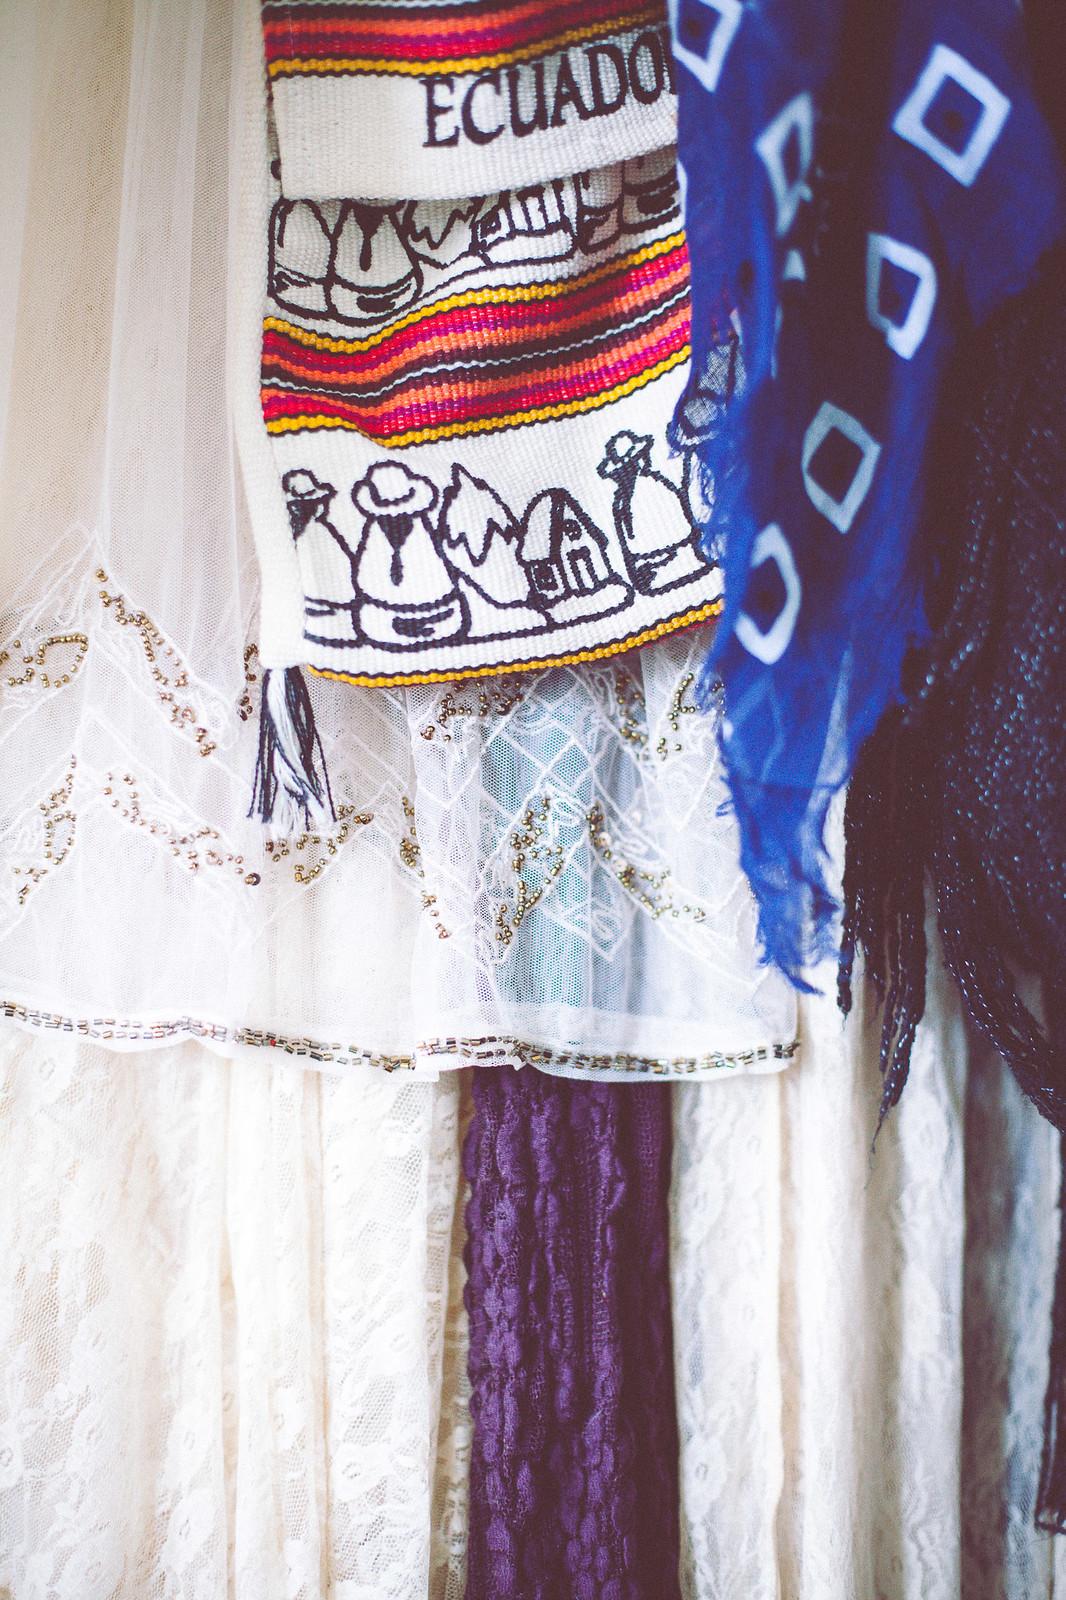 Chantilly's Closet